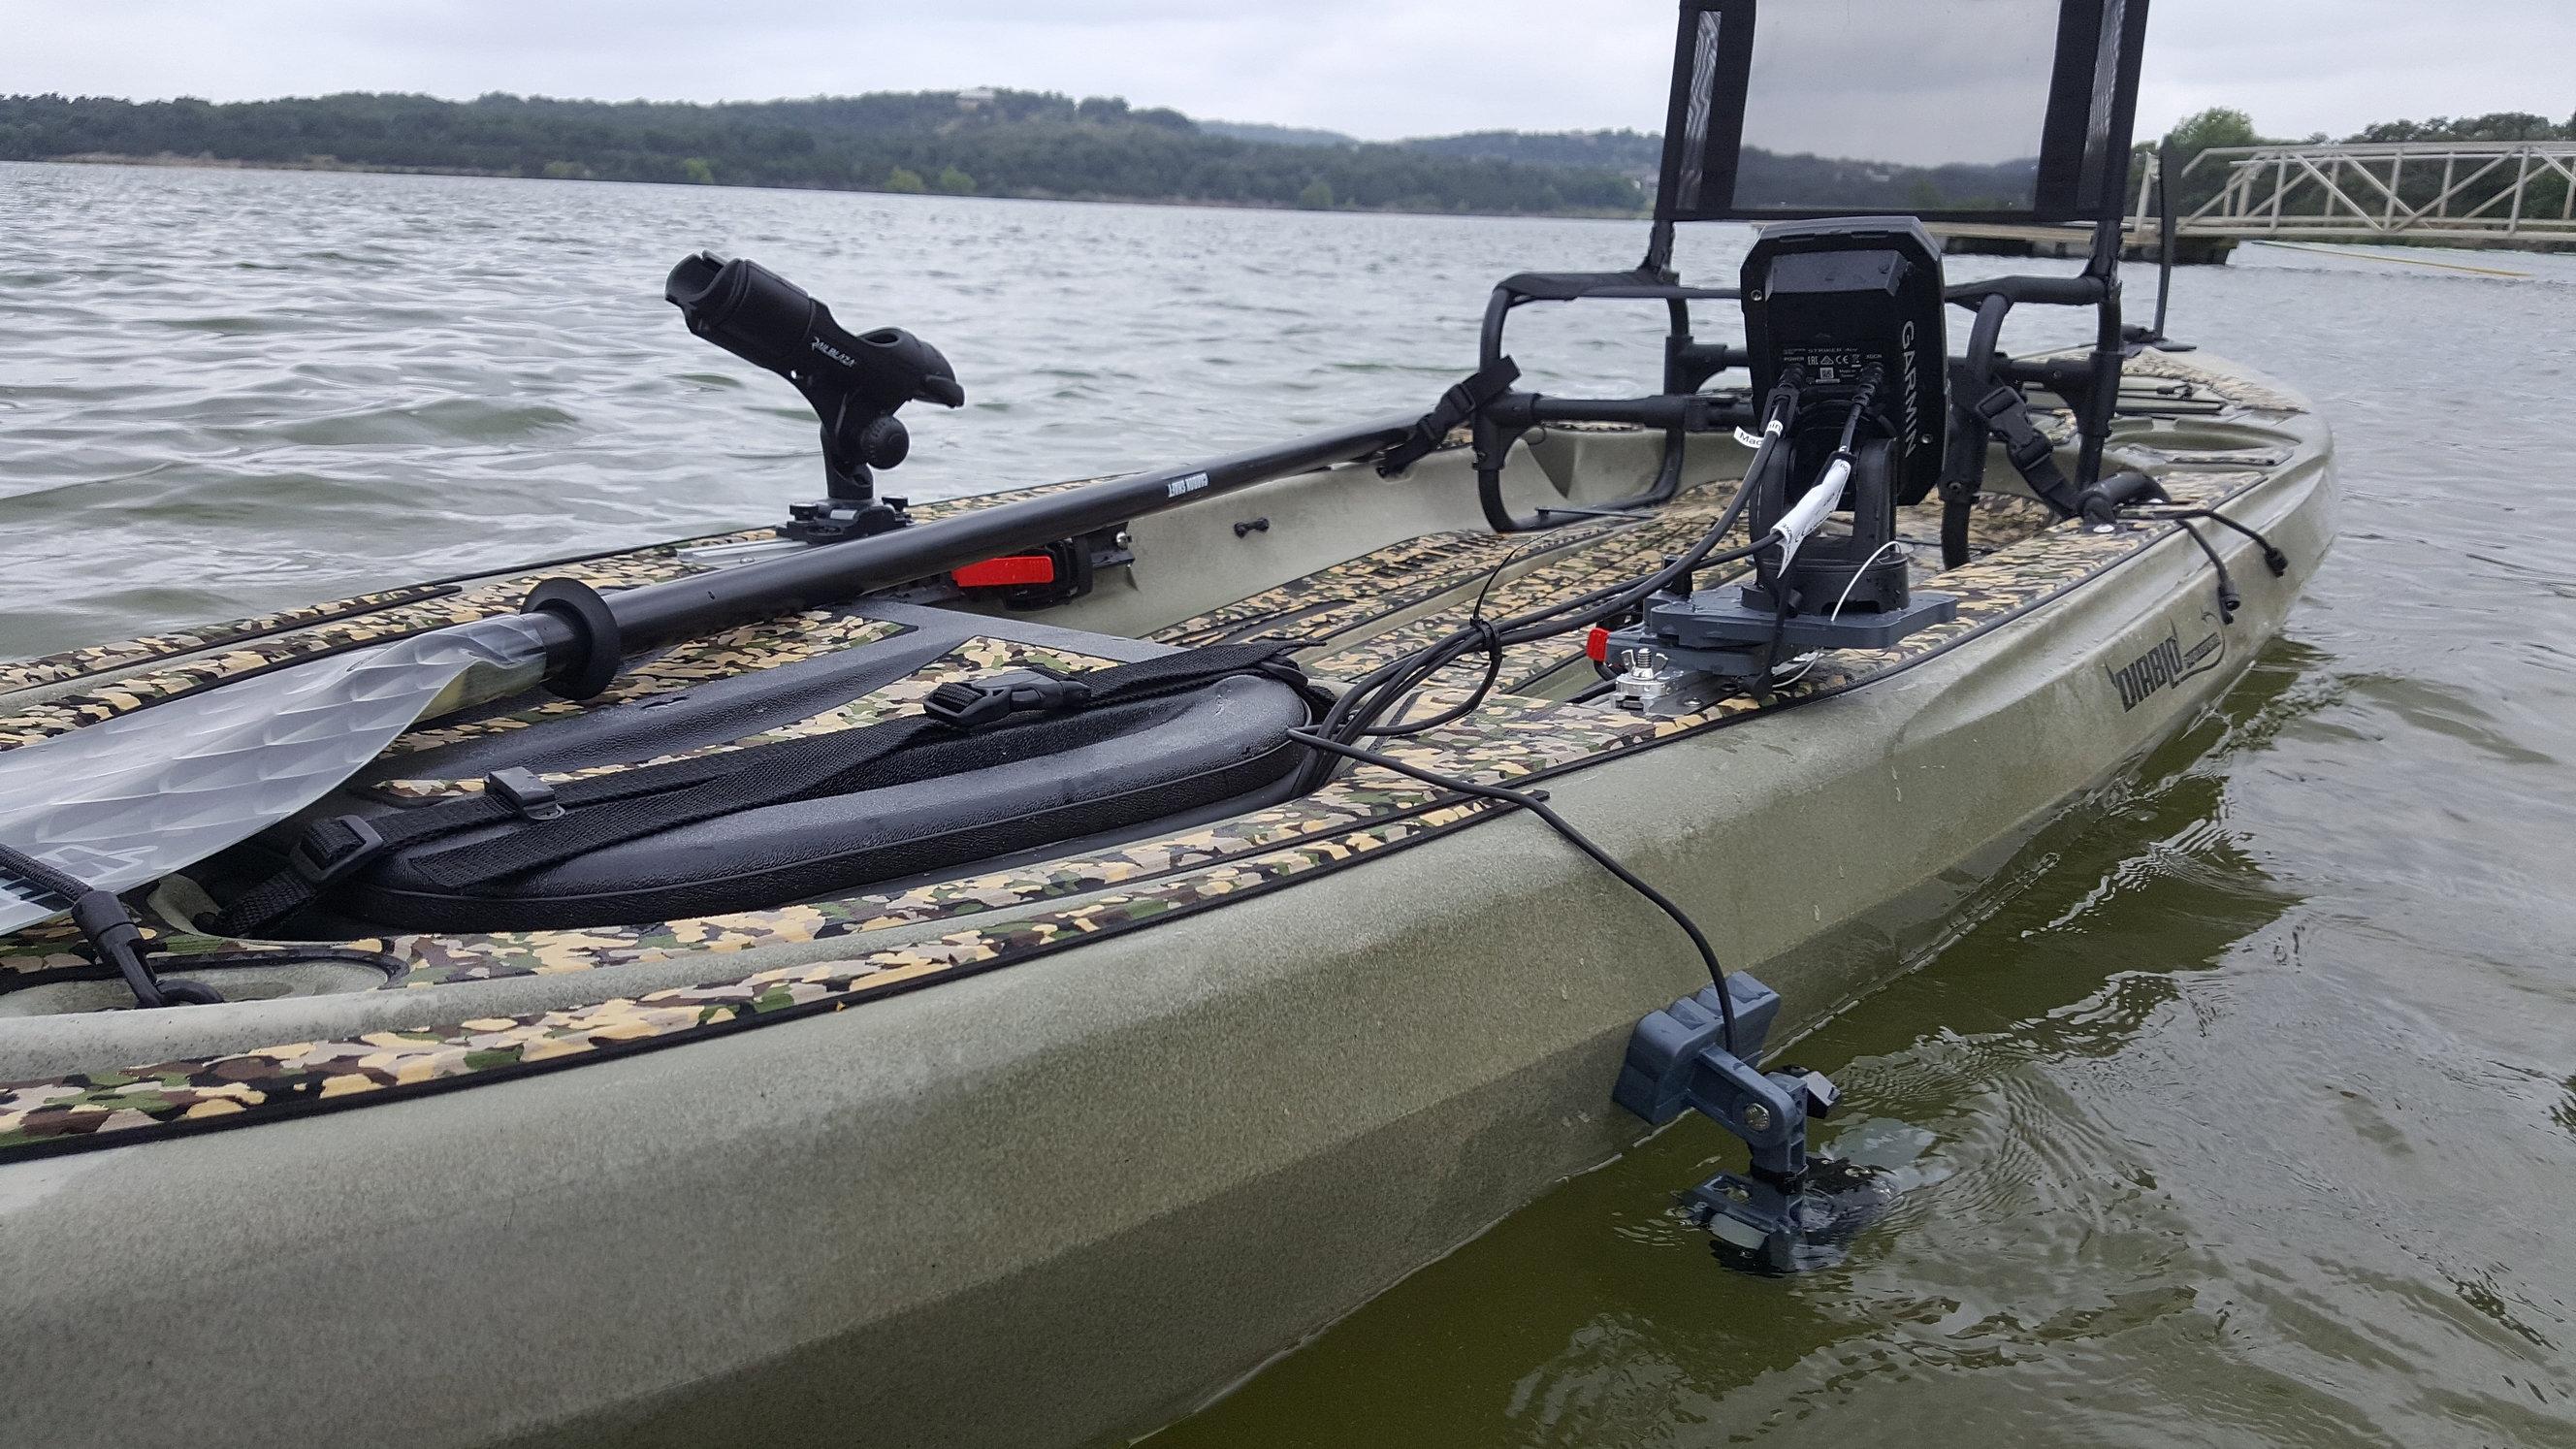 Garmin striker 4 installation kayak wiring diagrams for Kayak fish finder install